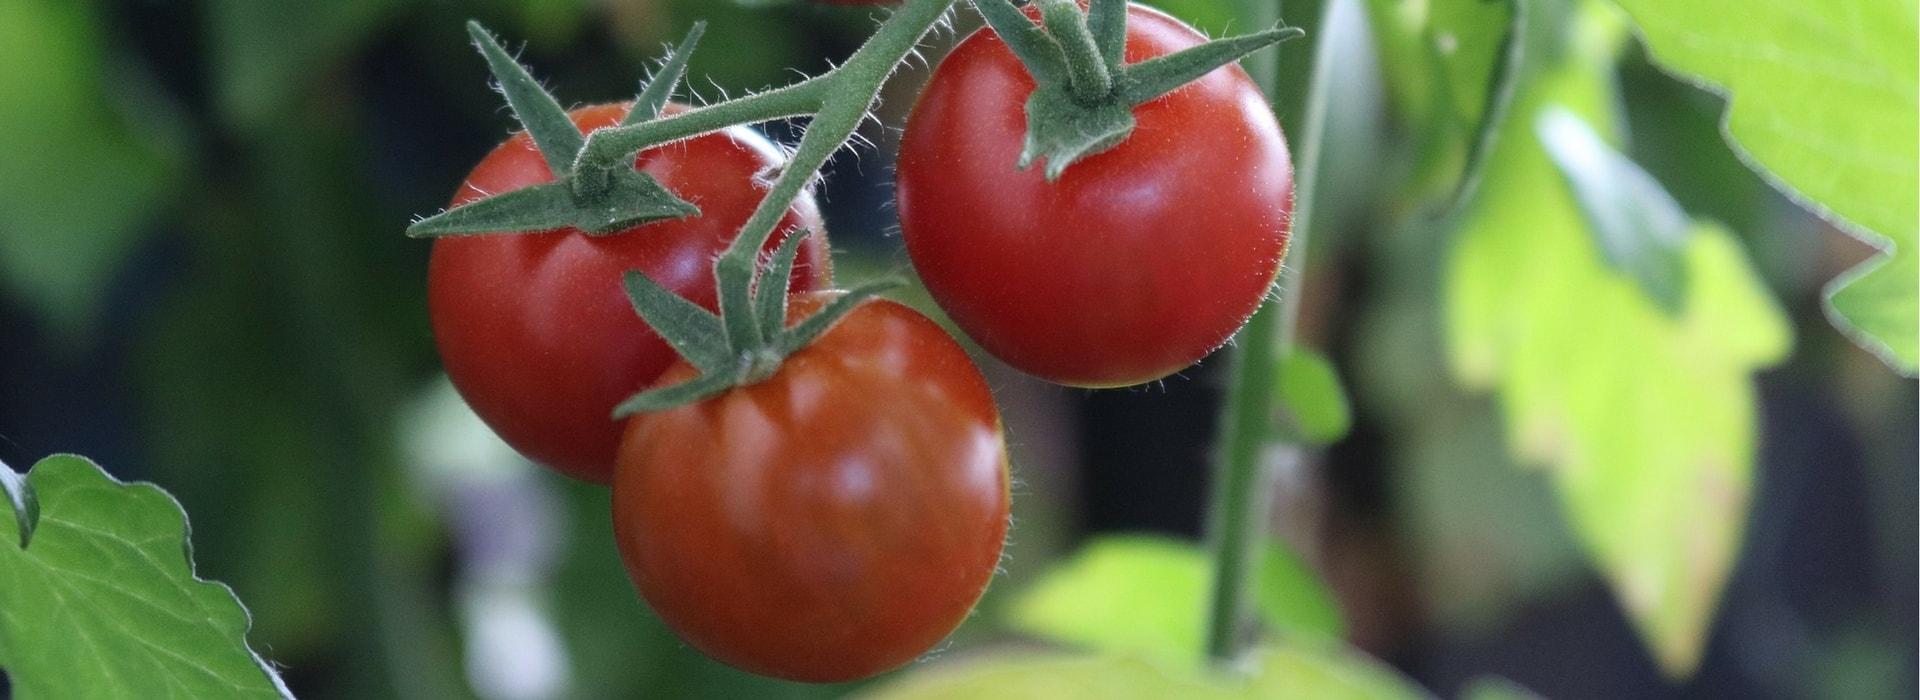 Tomate En Pot Conseil la culture de la tomate : réussir semis, plantation, taille